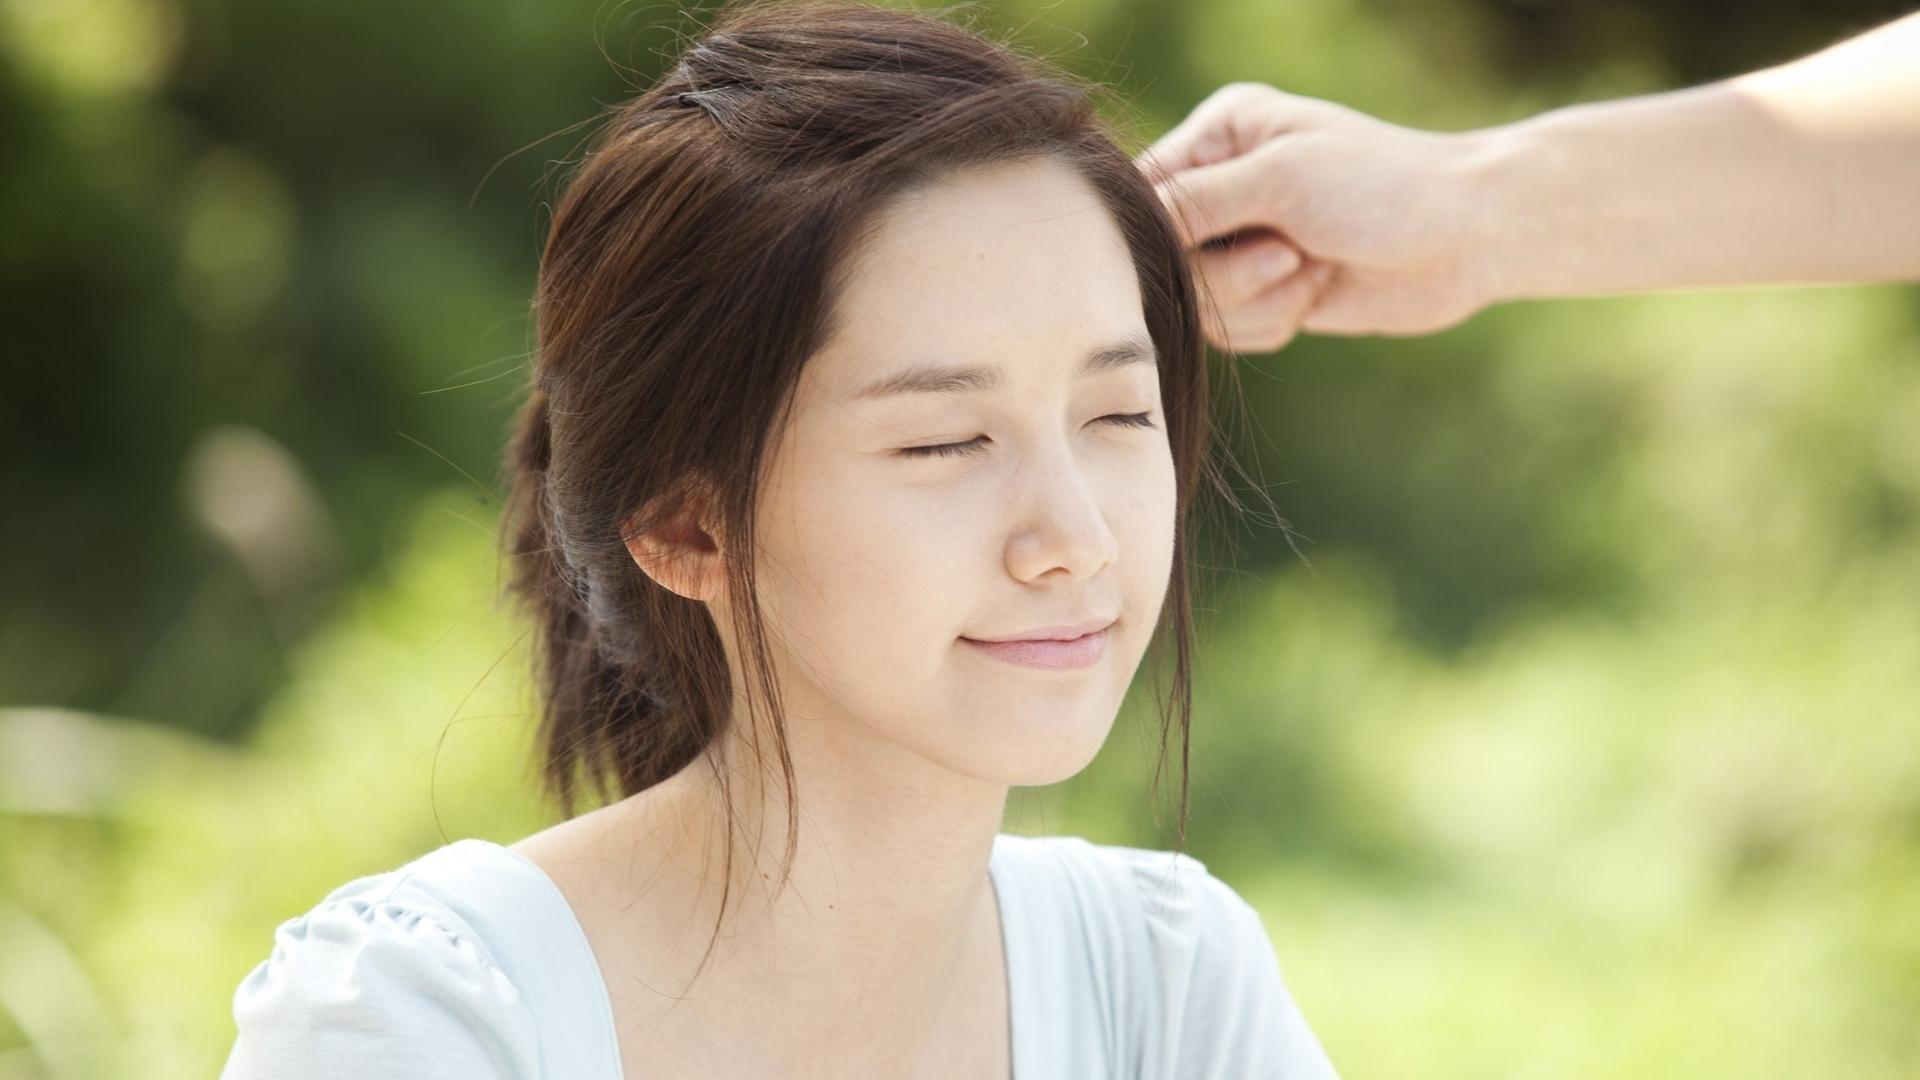 9 lợi ích bất ngờ của việc không trang điểm